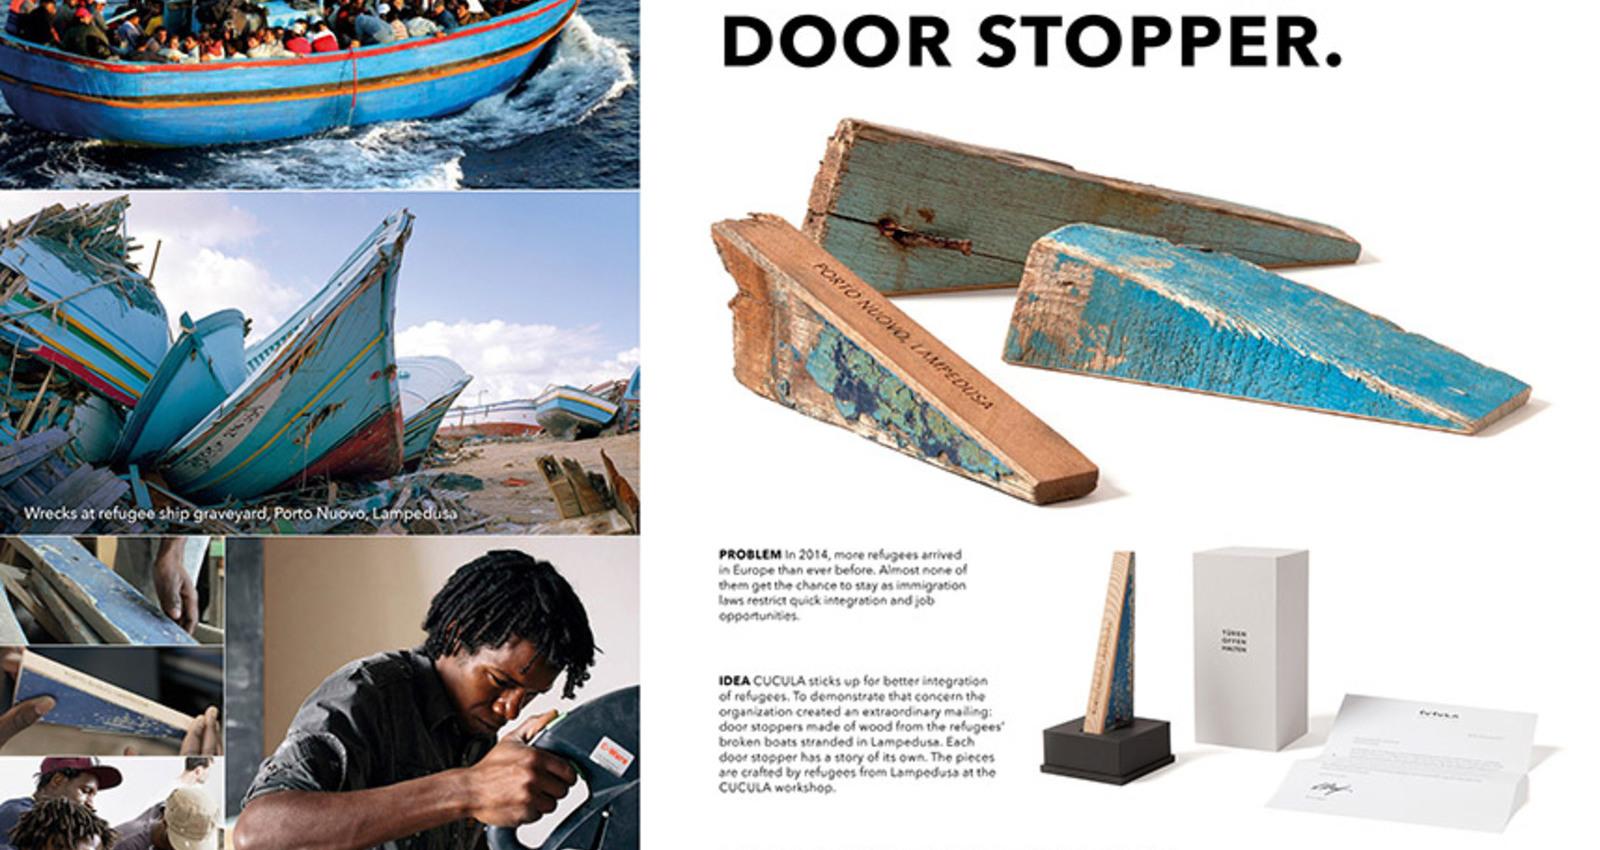 The Lampedusa door stopper. Open doors for refugees.